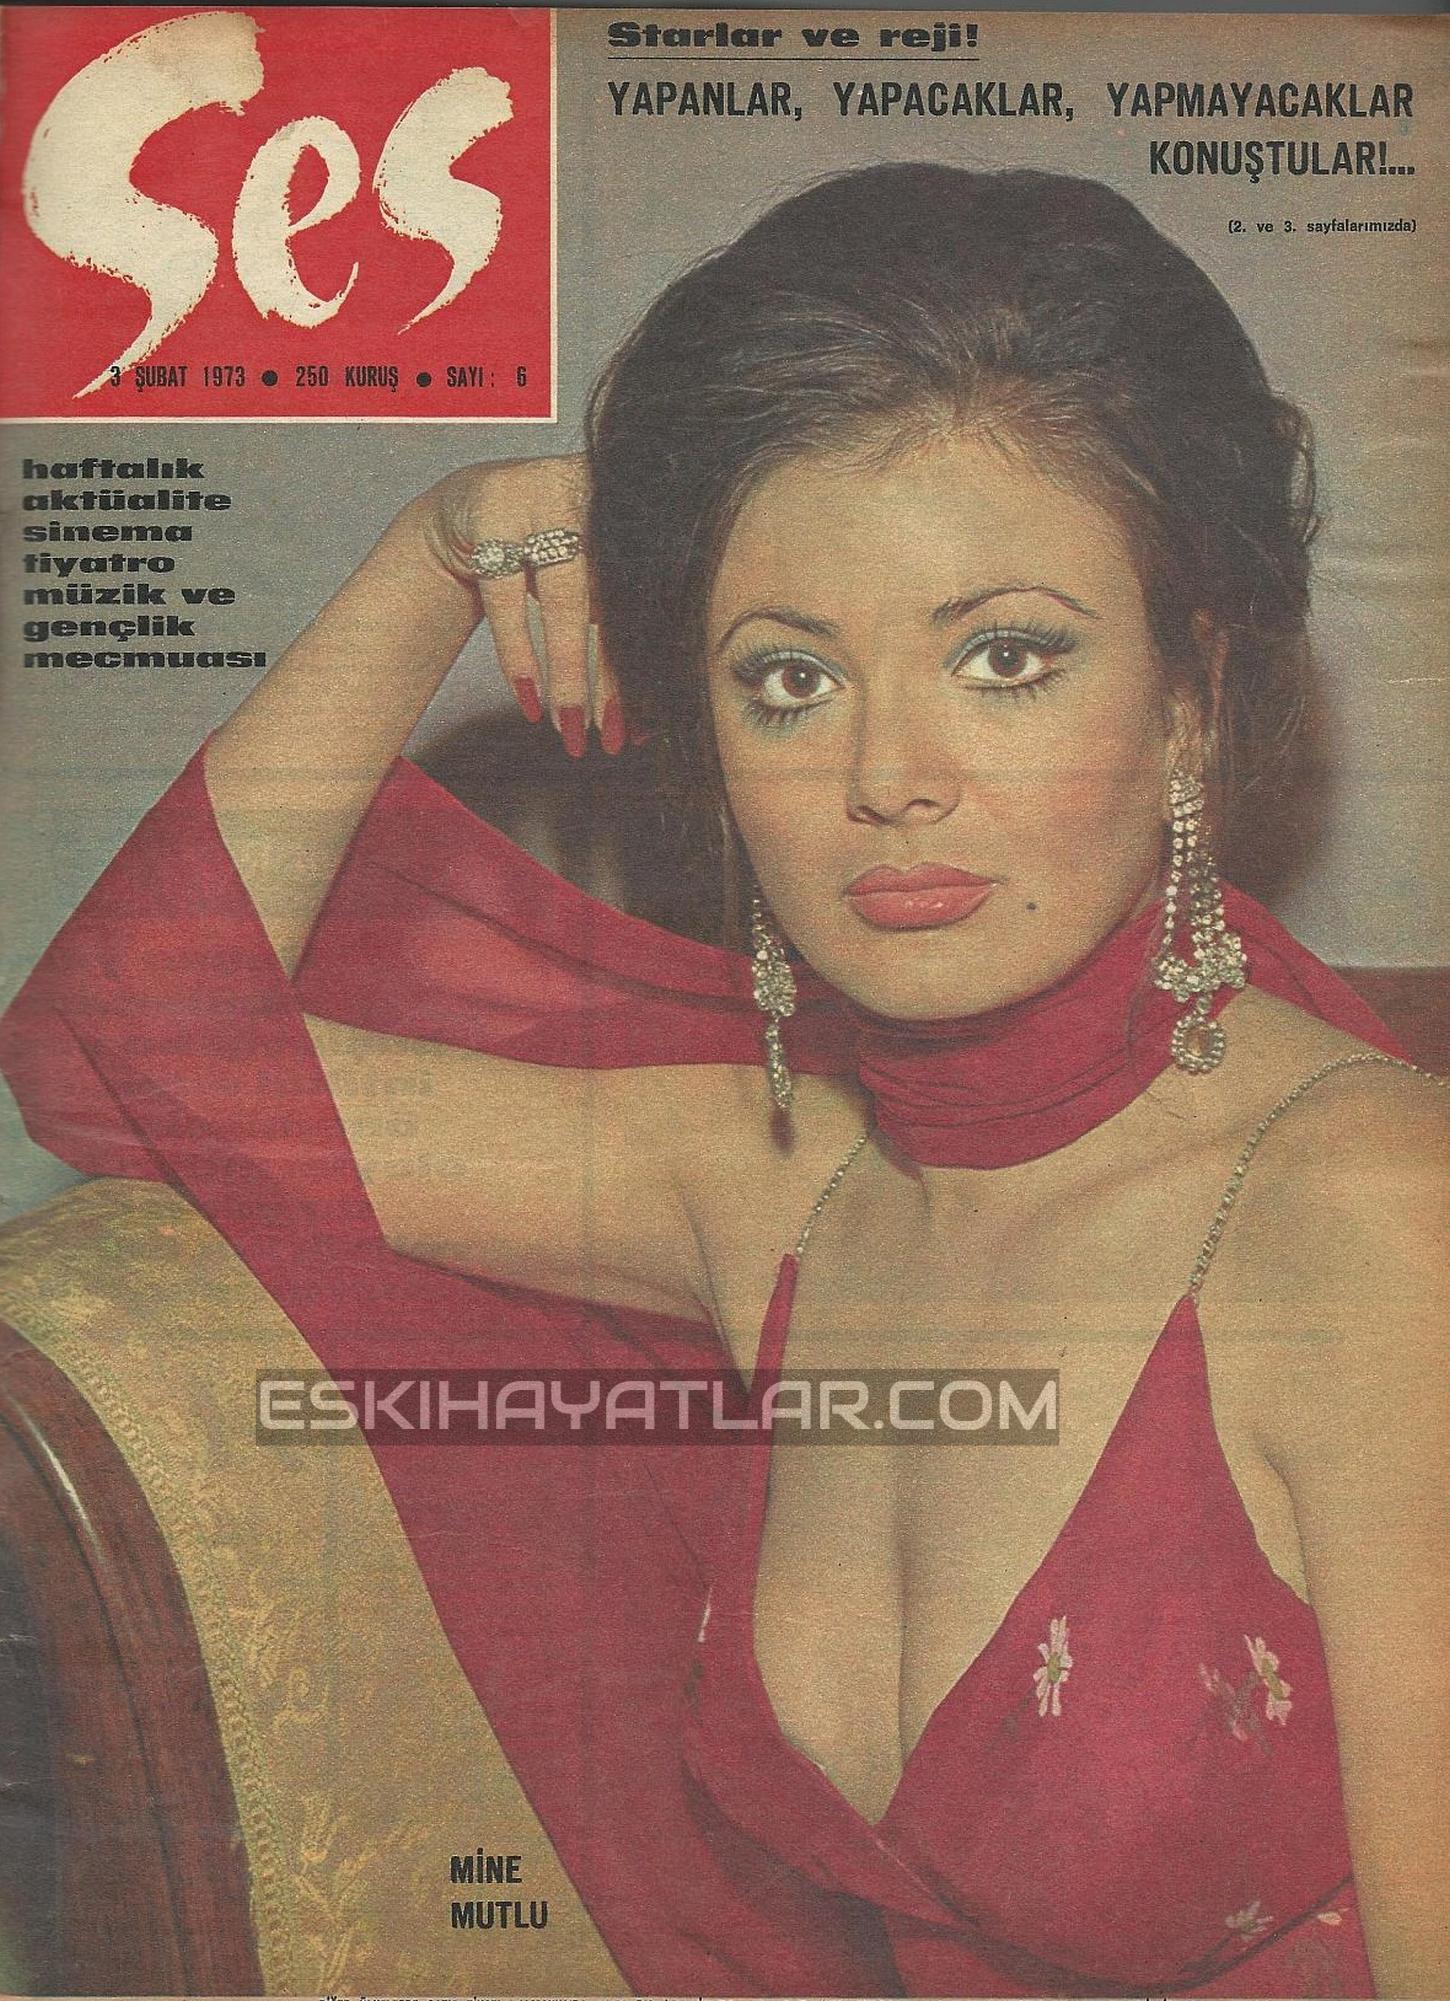 nese-karabocek-roportaji-1973-ses-dergisi-70-lerde-telefon-kullanimi (5)